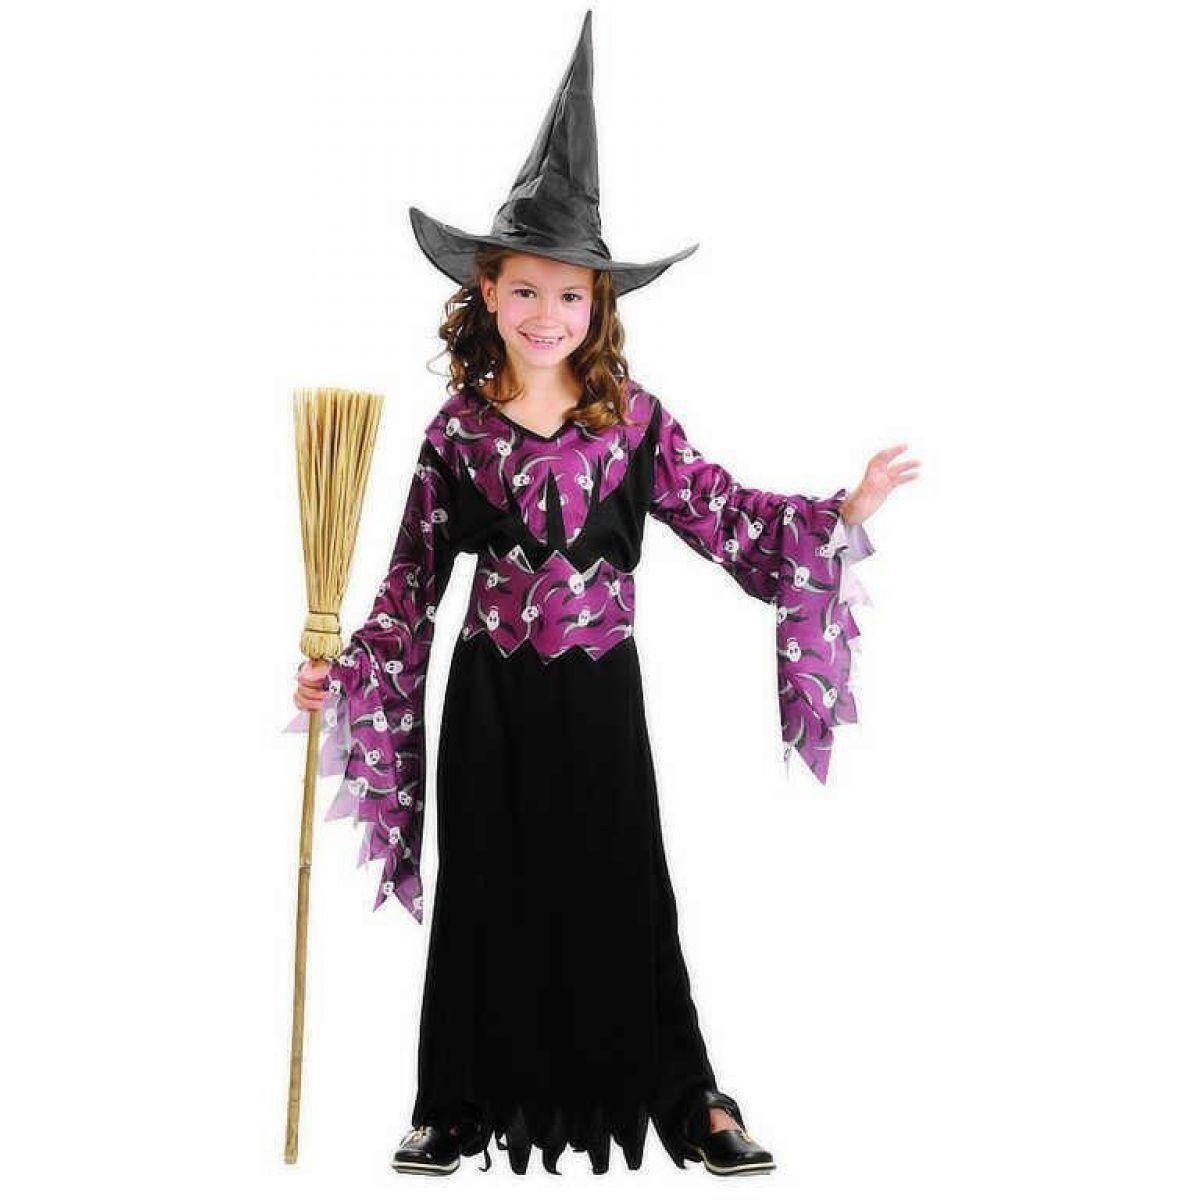 Made Dětský kostým Gotická čarodějnice 130-140 cm MaDe